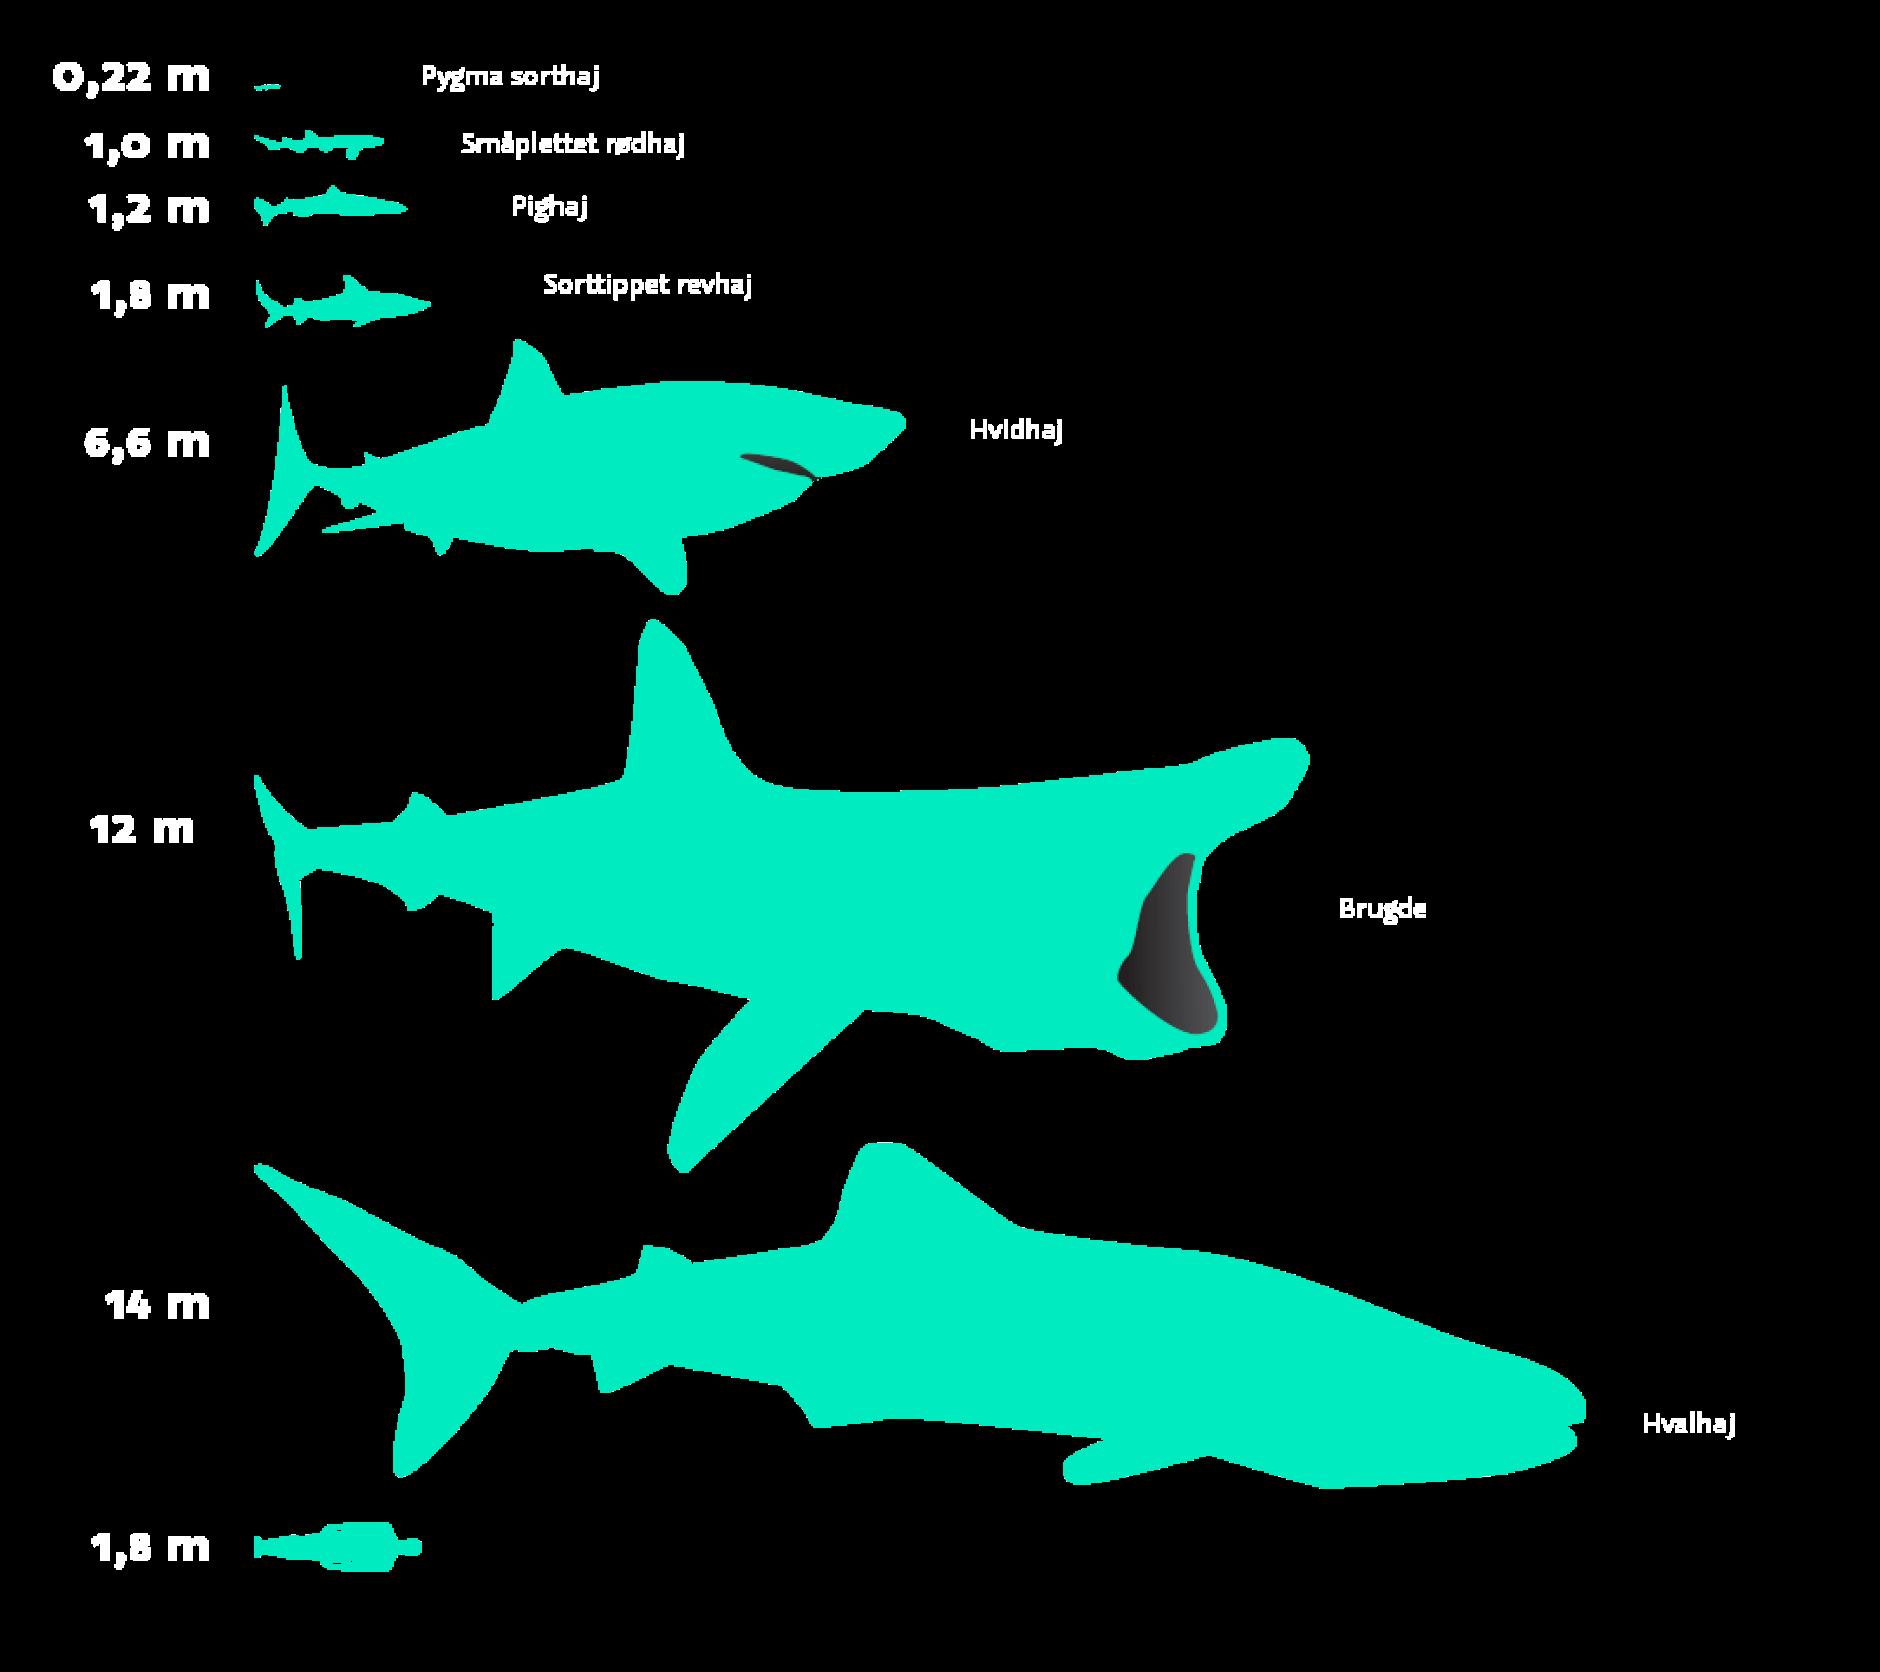 Haj størrelser